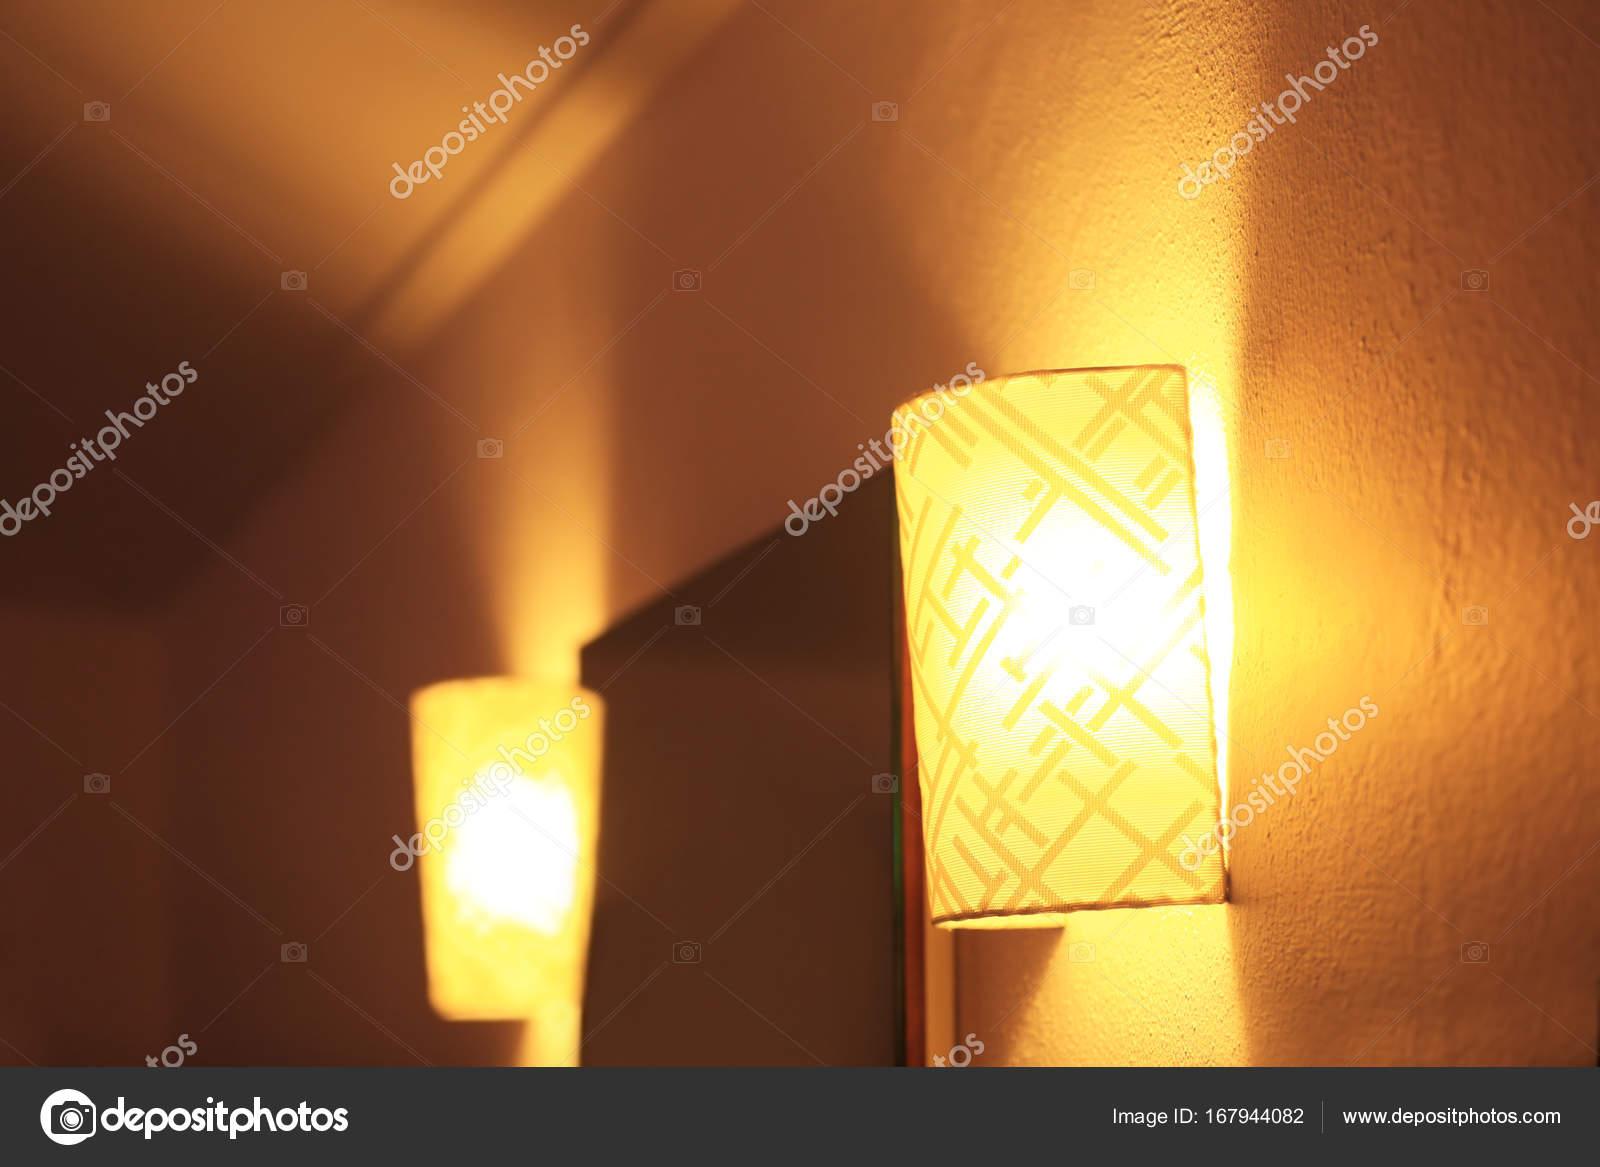 Wandverlichting Voor Slaapkamer : Wandverlichting in moderne slaapkamer u stockfoto belchonock